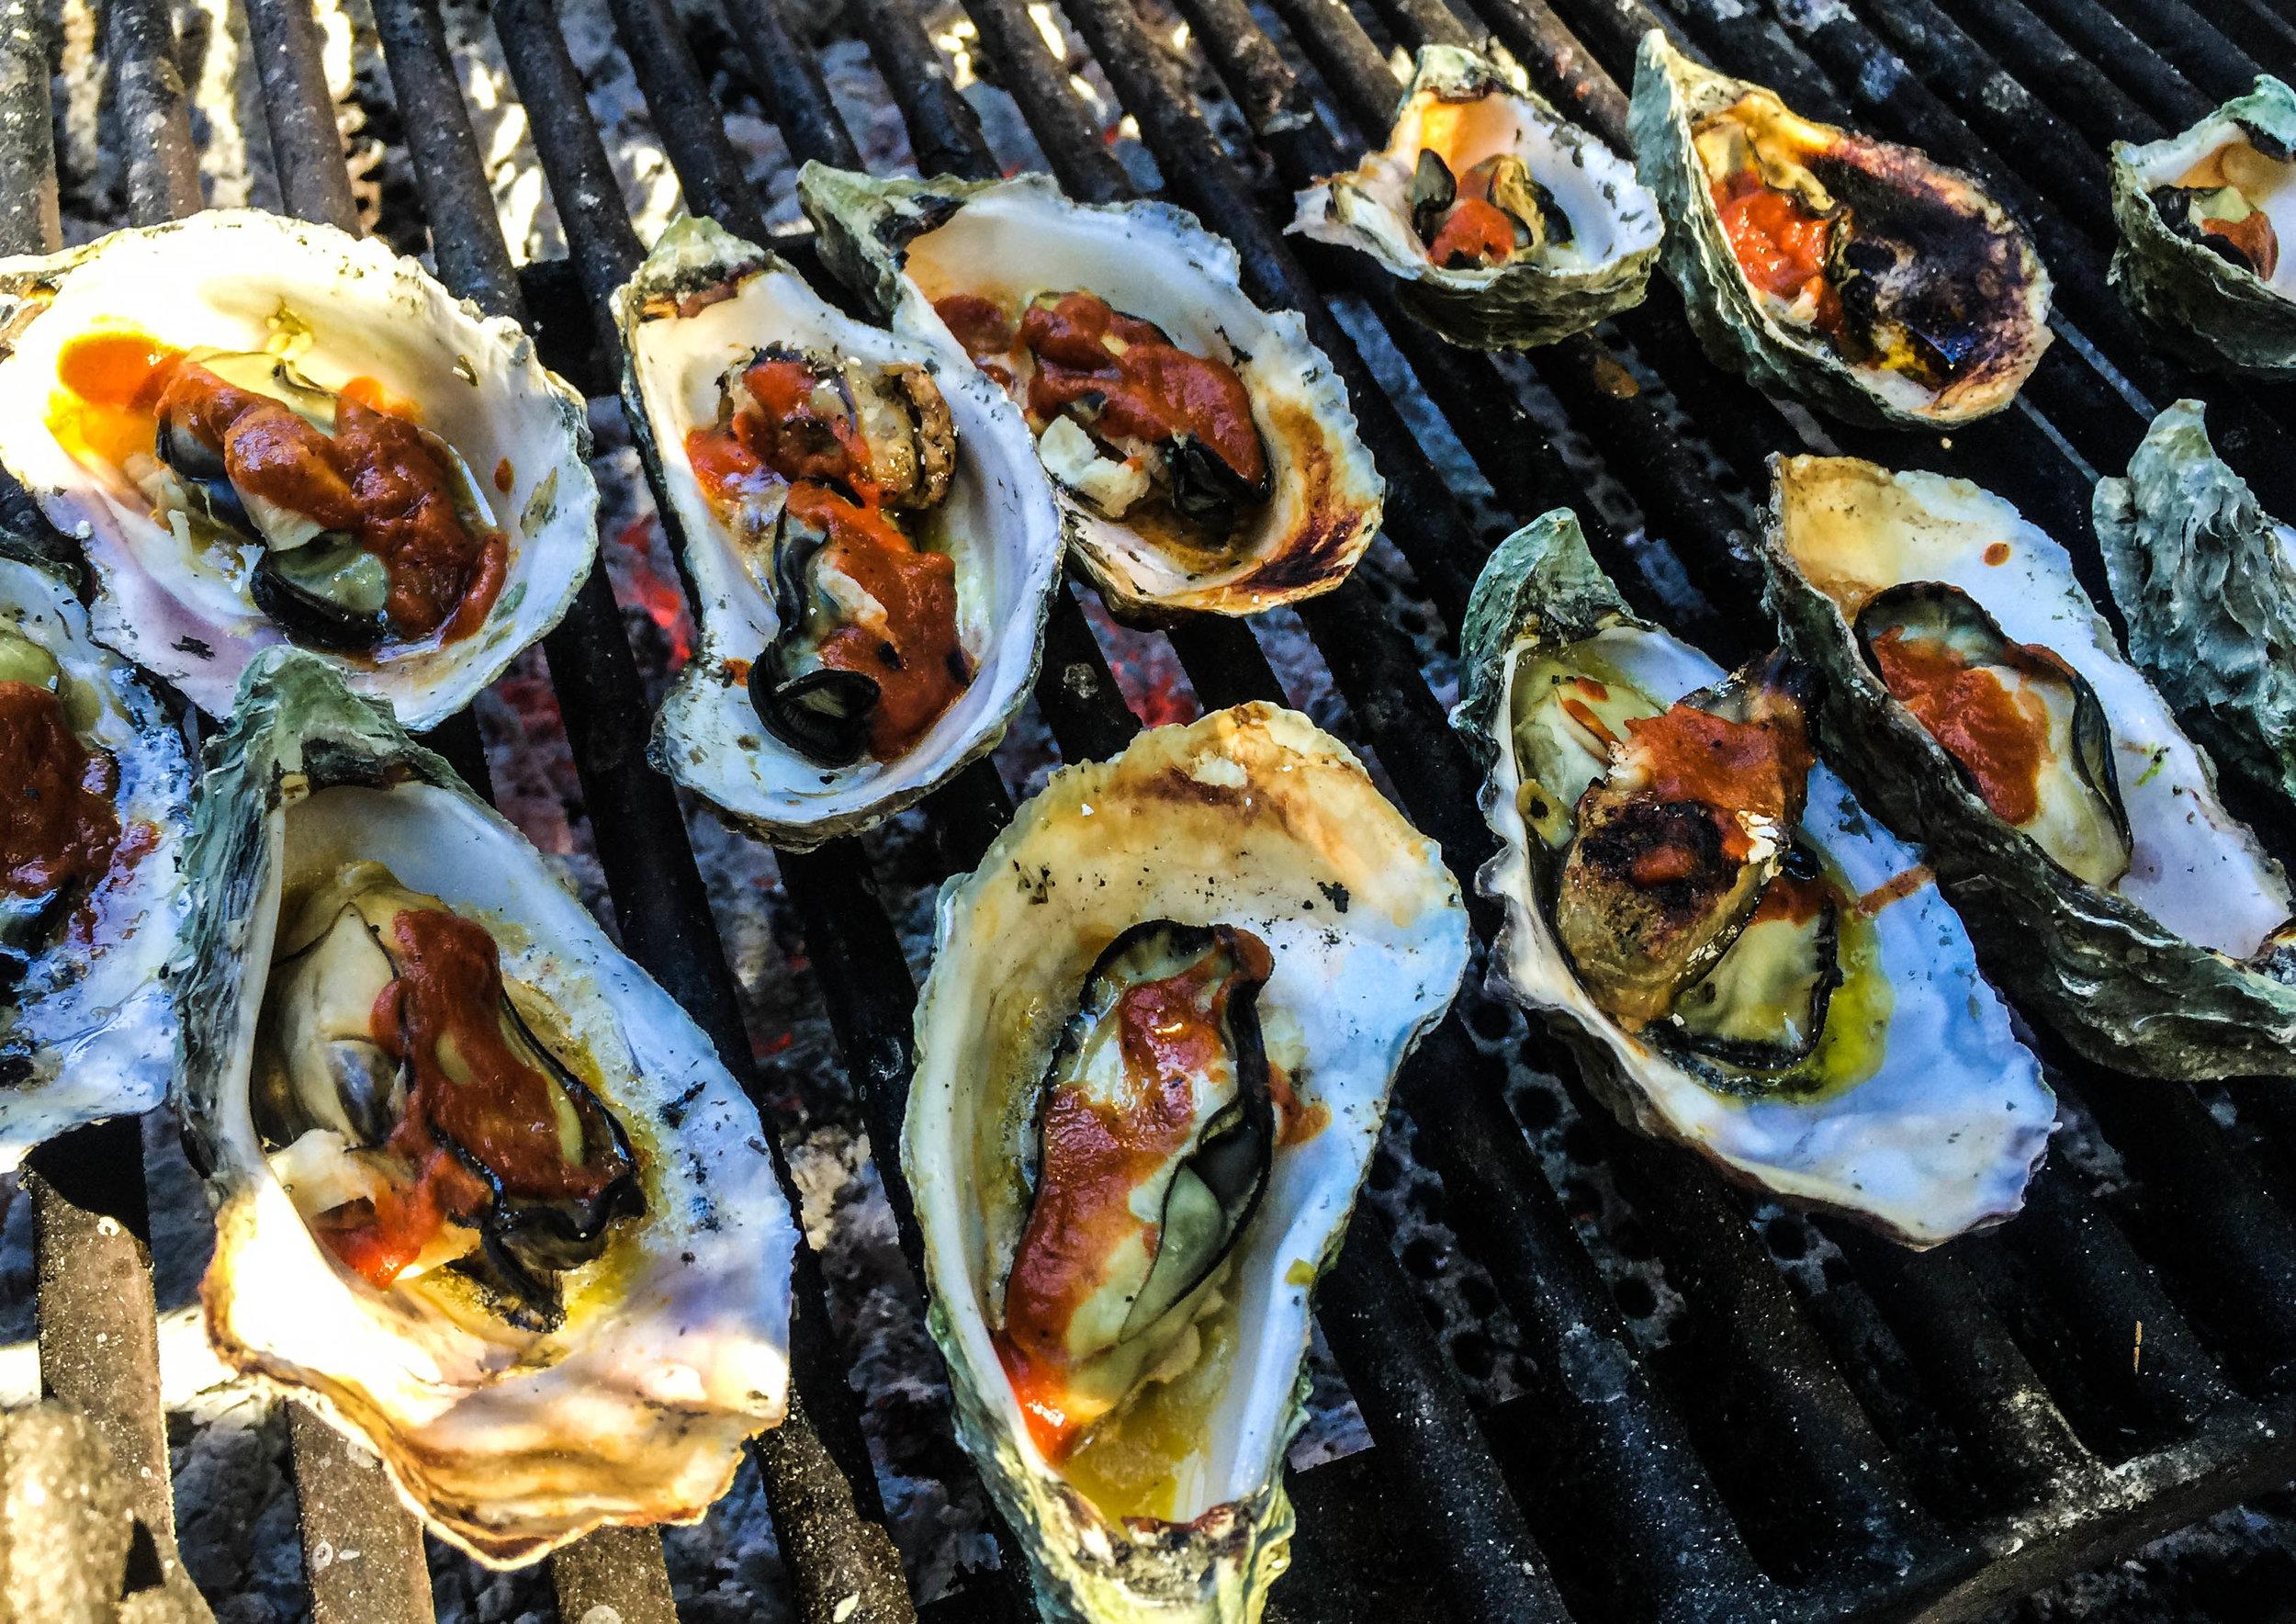 Oysters - Hog Island